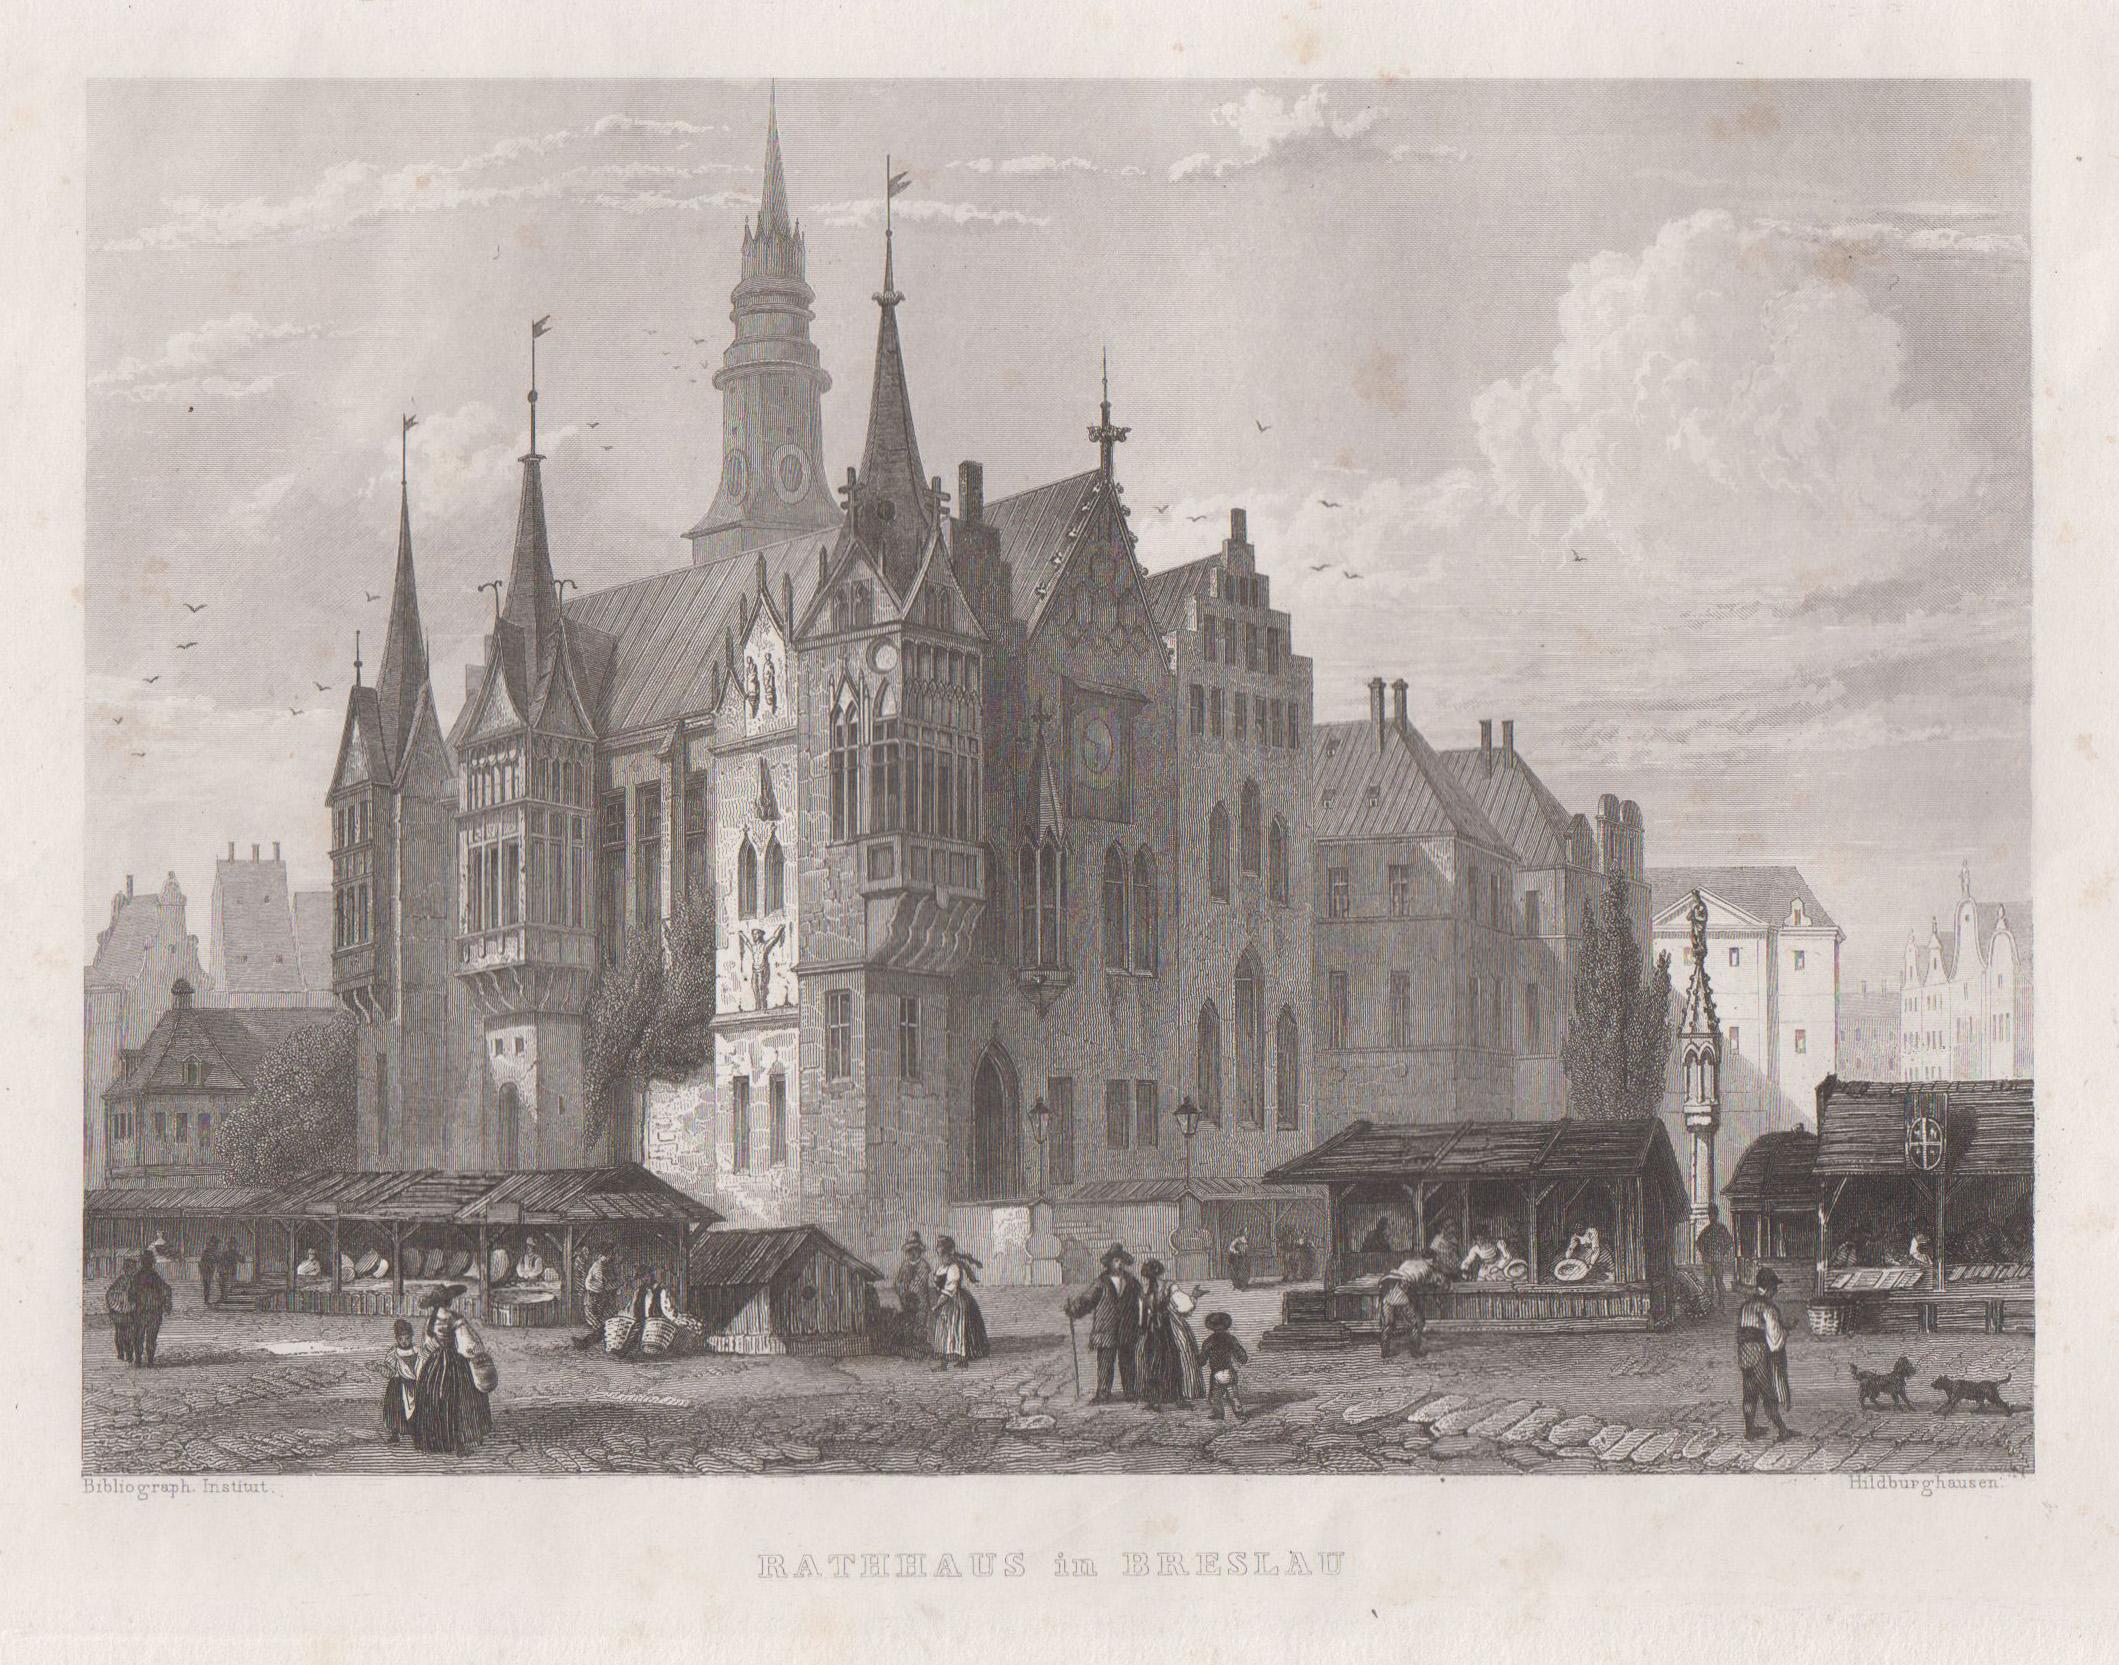 """TA., Rathaus, """"Rathaus in Breslau"""".: Breslau ( Wroclaw"""